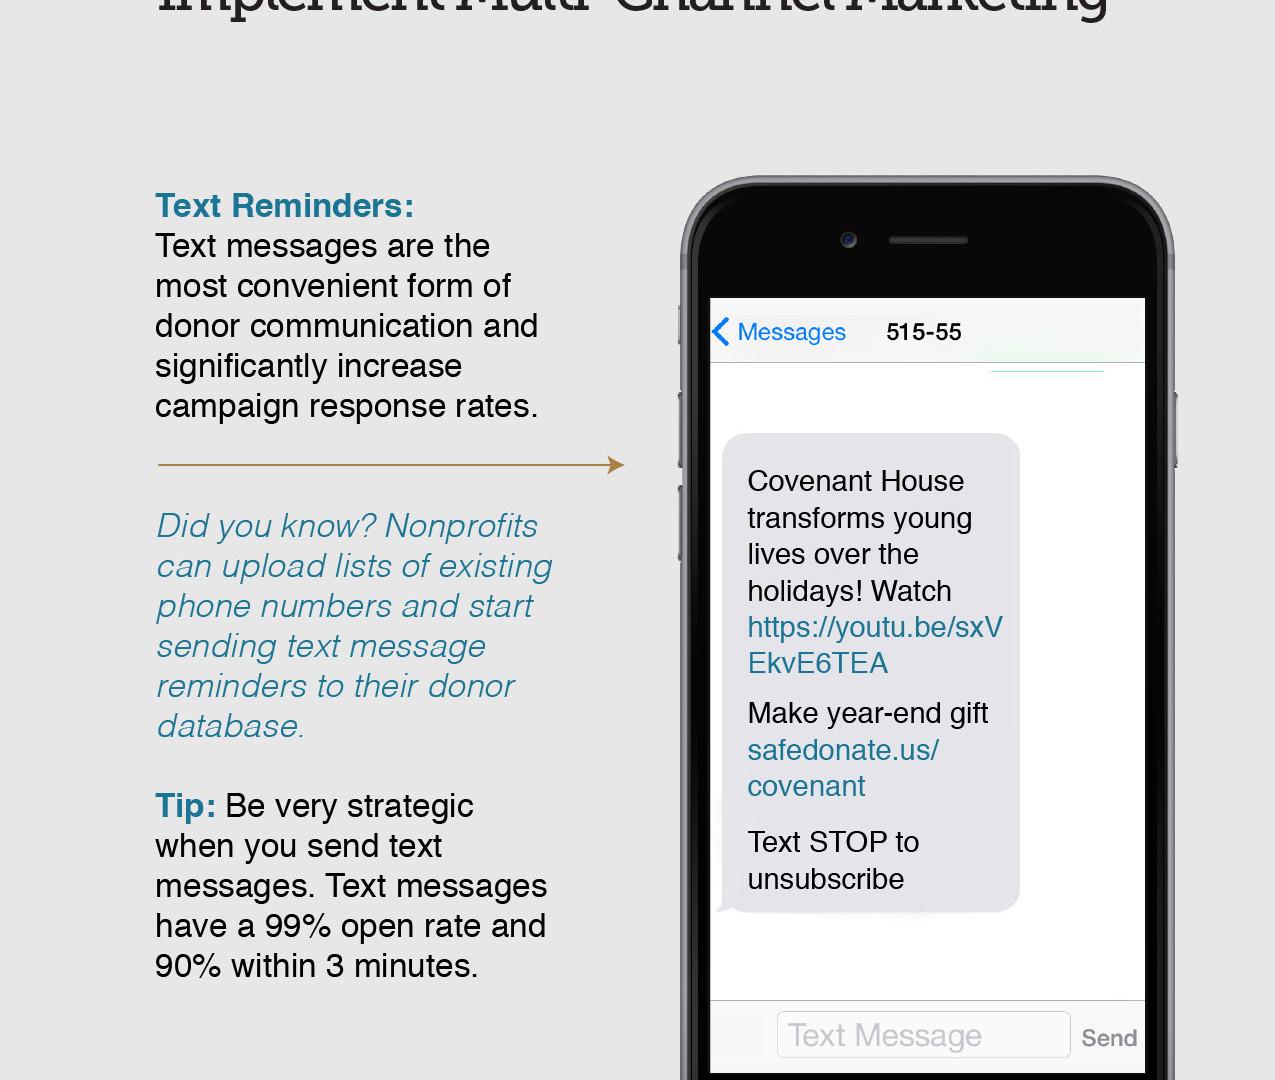 Mobile_Fundraising_Guide-5.jpg